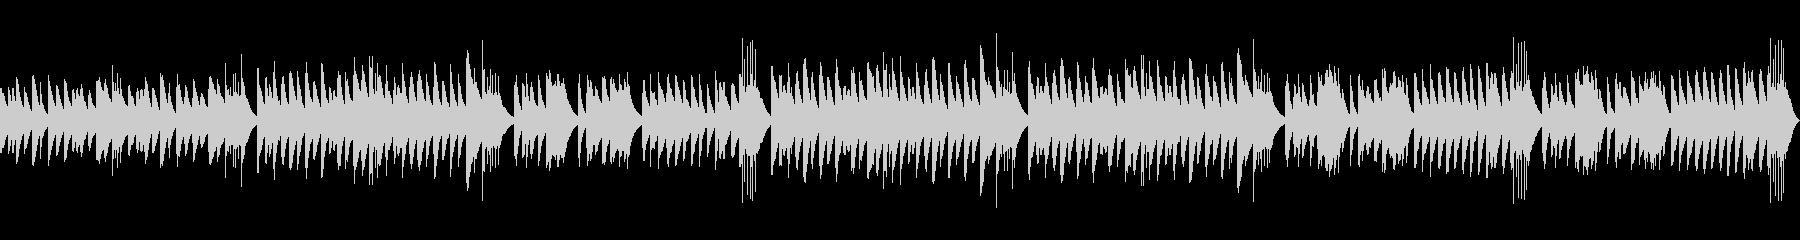 マリンバを使ったコミカルなループ楽曲の未再生の波形